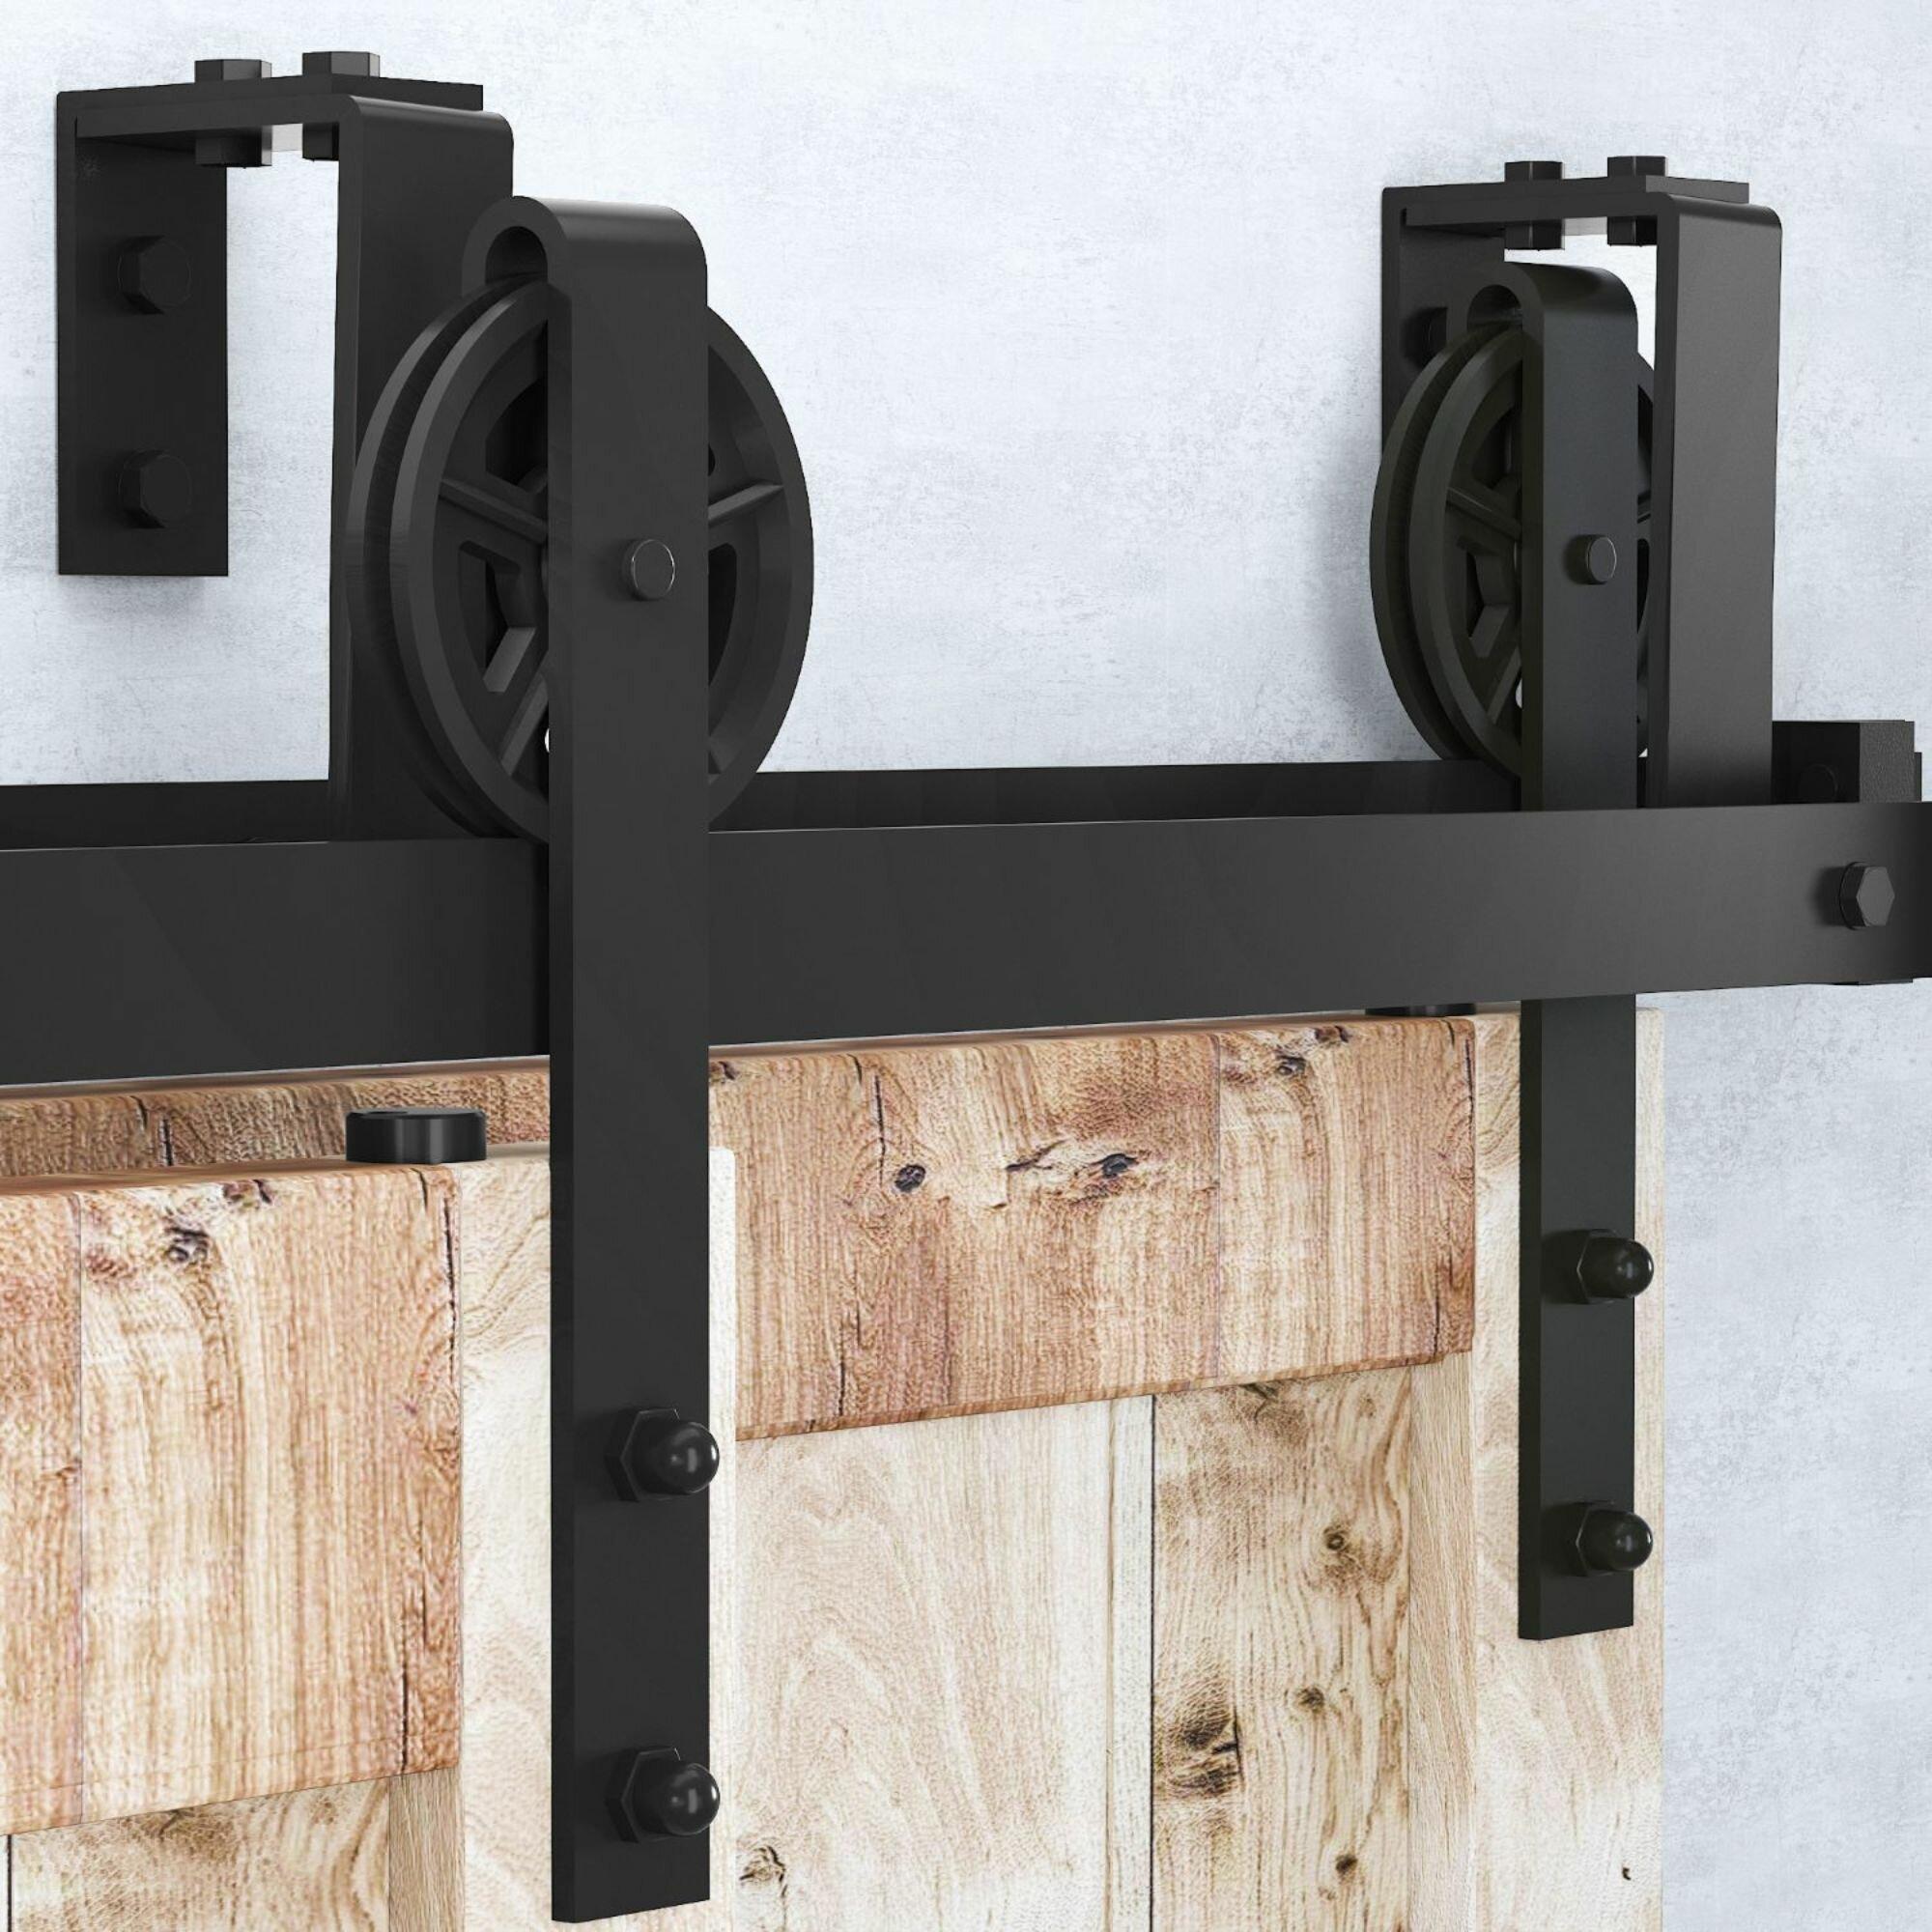 Homacer Double Bypass Double Door Barn Door Hardware Kit Reviews Wayfair Ca